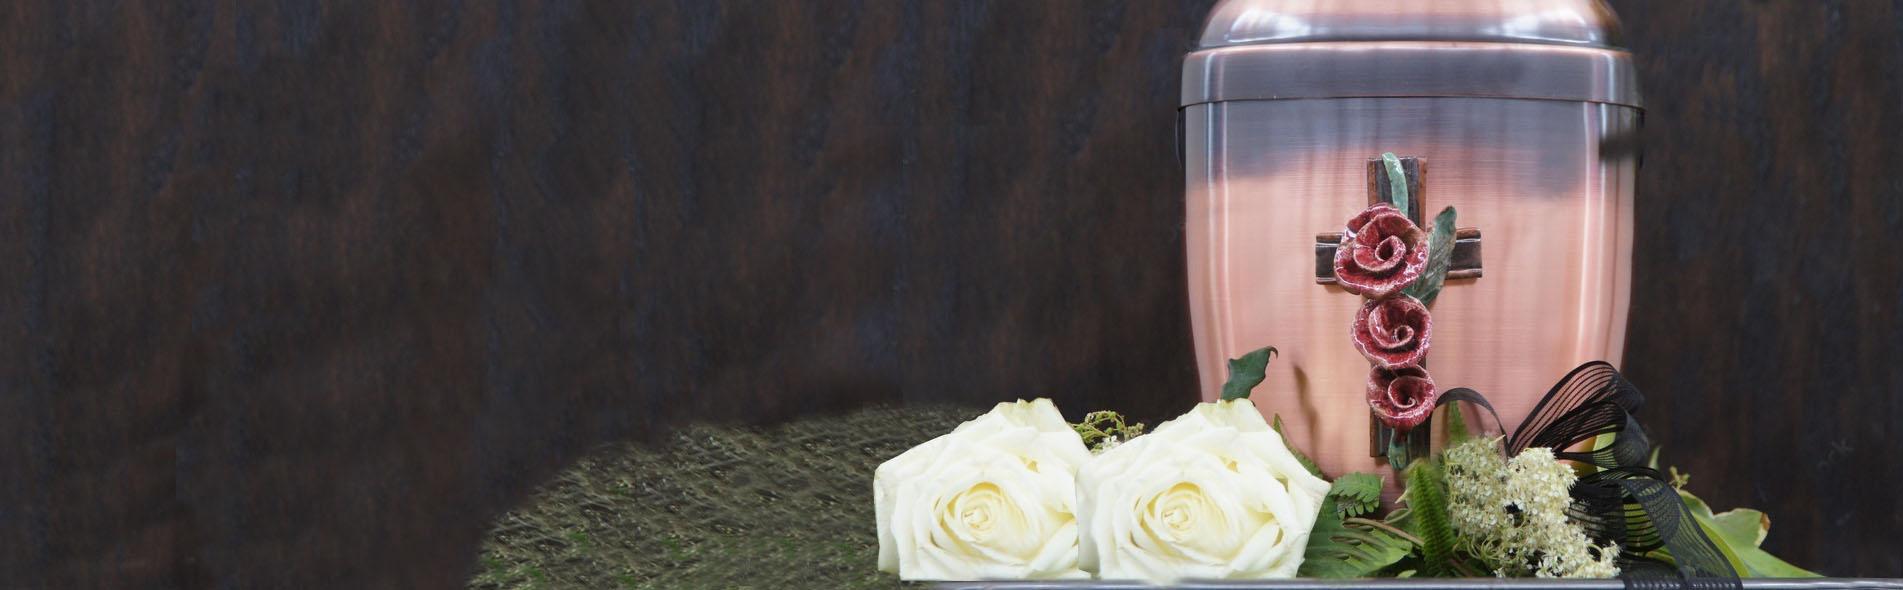 cremazione agenzia funebre madonna di monserrato